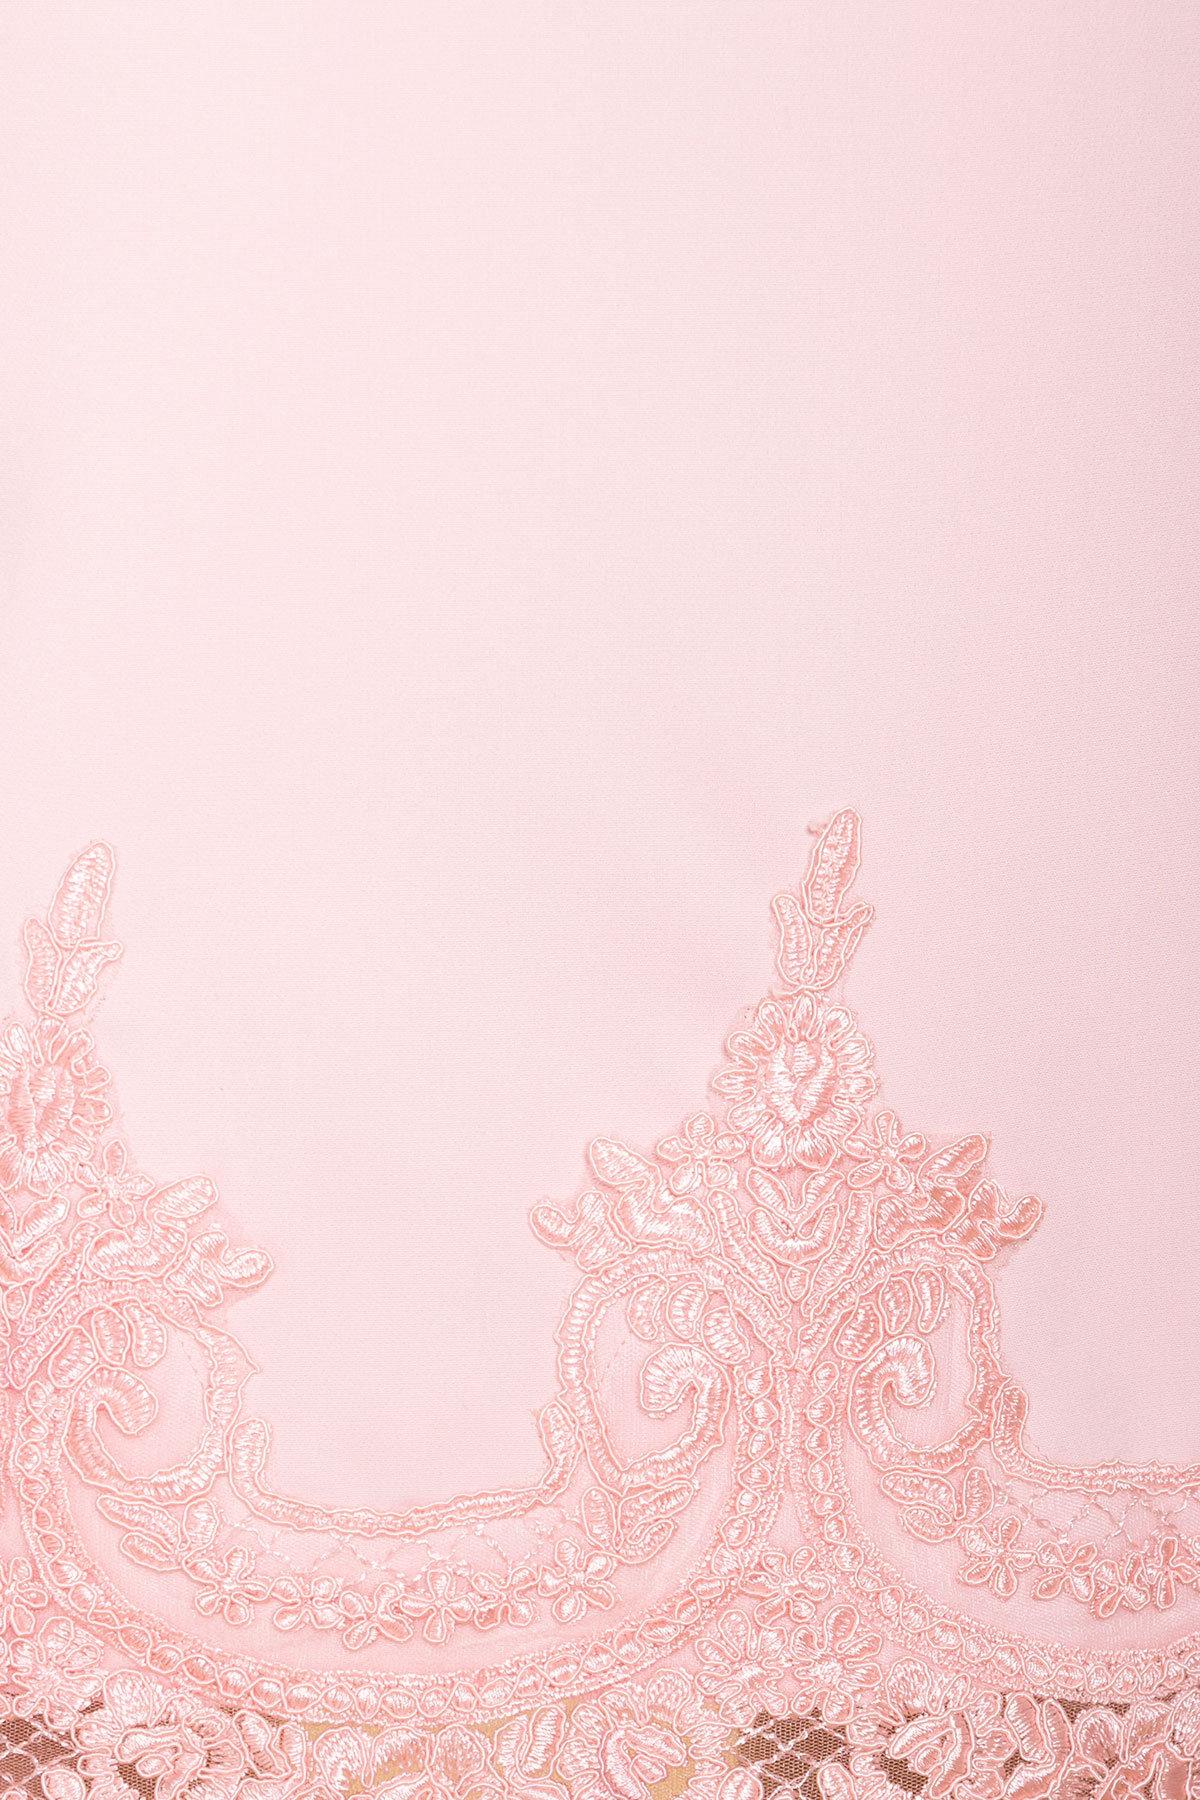 Однотонное платье с рукавом фонарик Лера 6433 АРТ. 41927 Цвет: Пудра светлая 11 - фото 4, интернет магазин tm-modus.ru